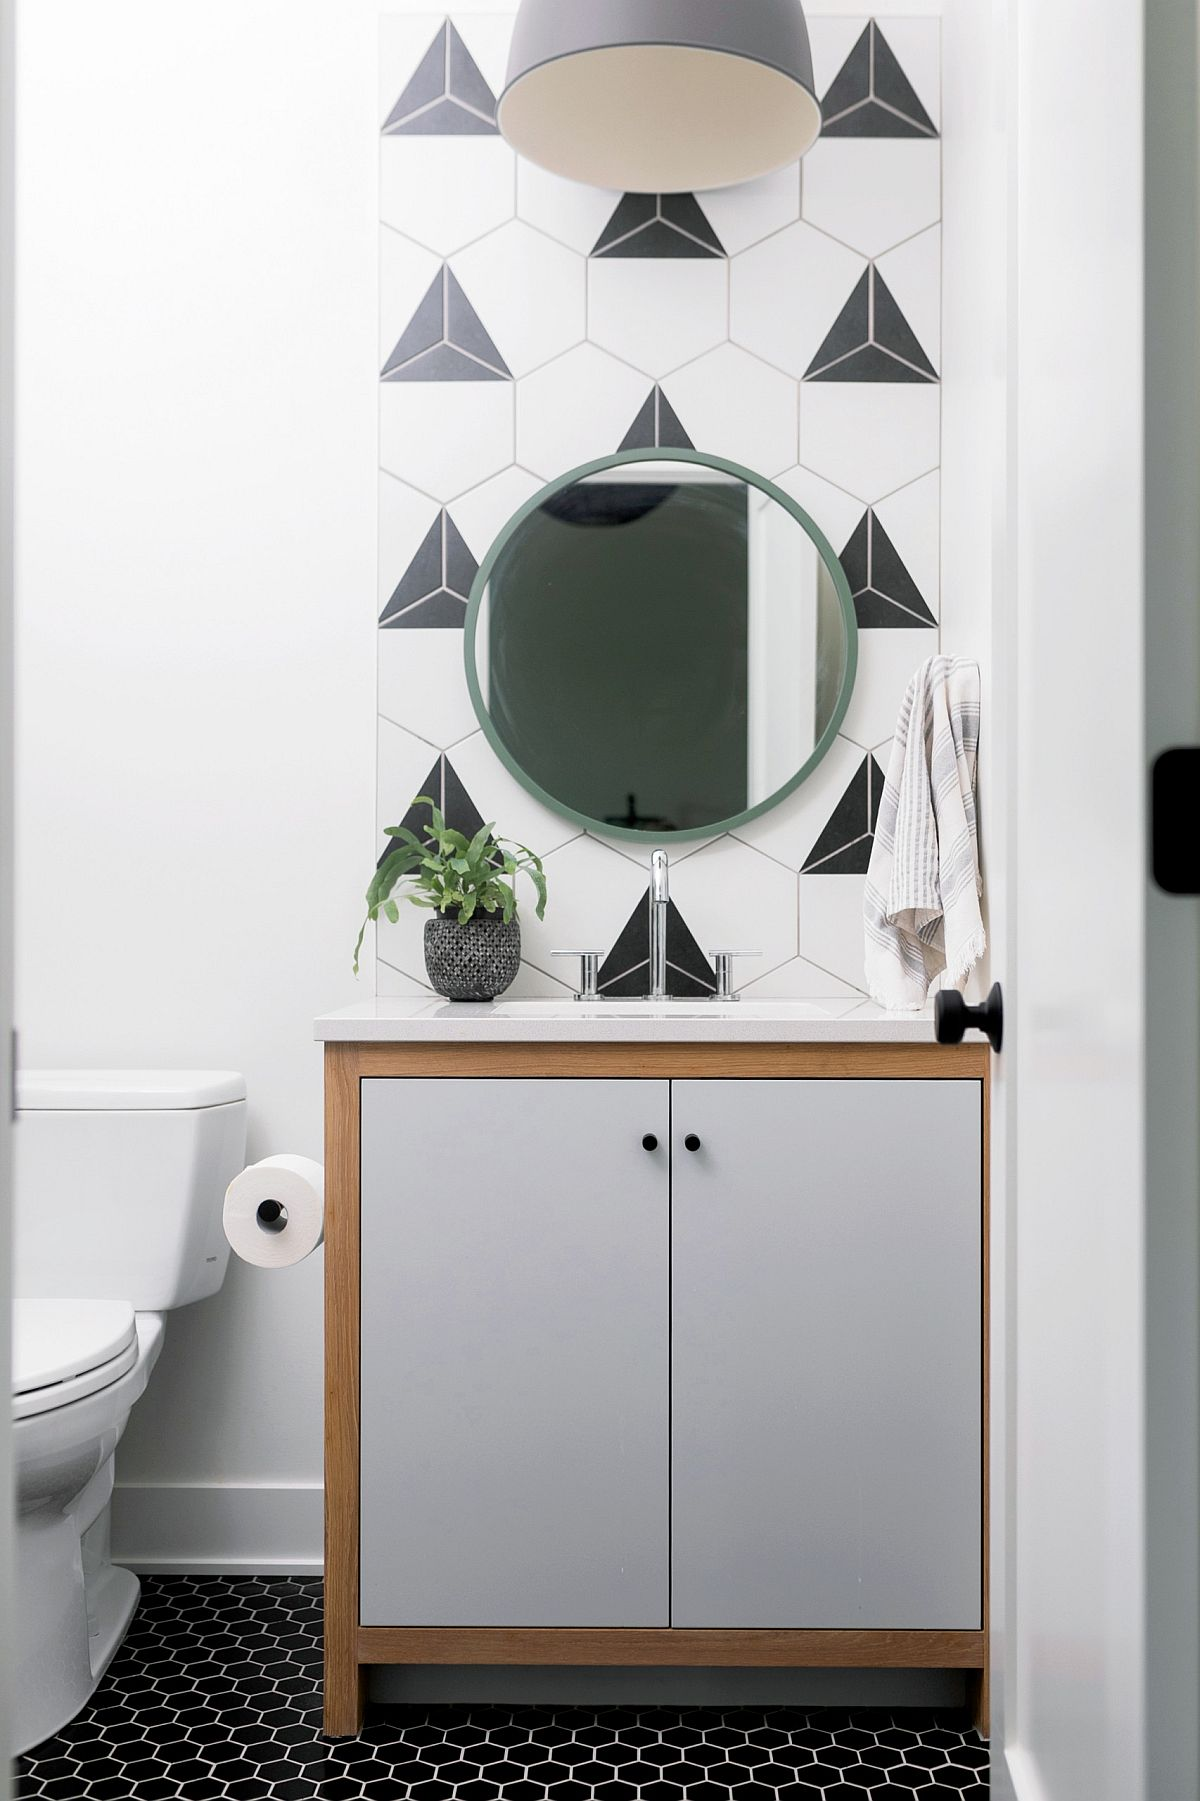 Salle d'eau contemporaine en noir, blanc et gris avec des carreaux hexagonaux en toile de fond et des carreaux de sol hexagonaux foncés